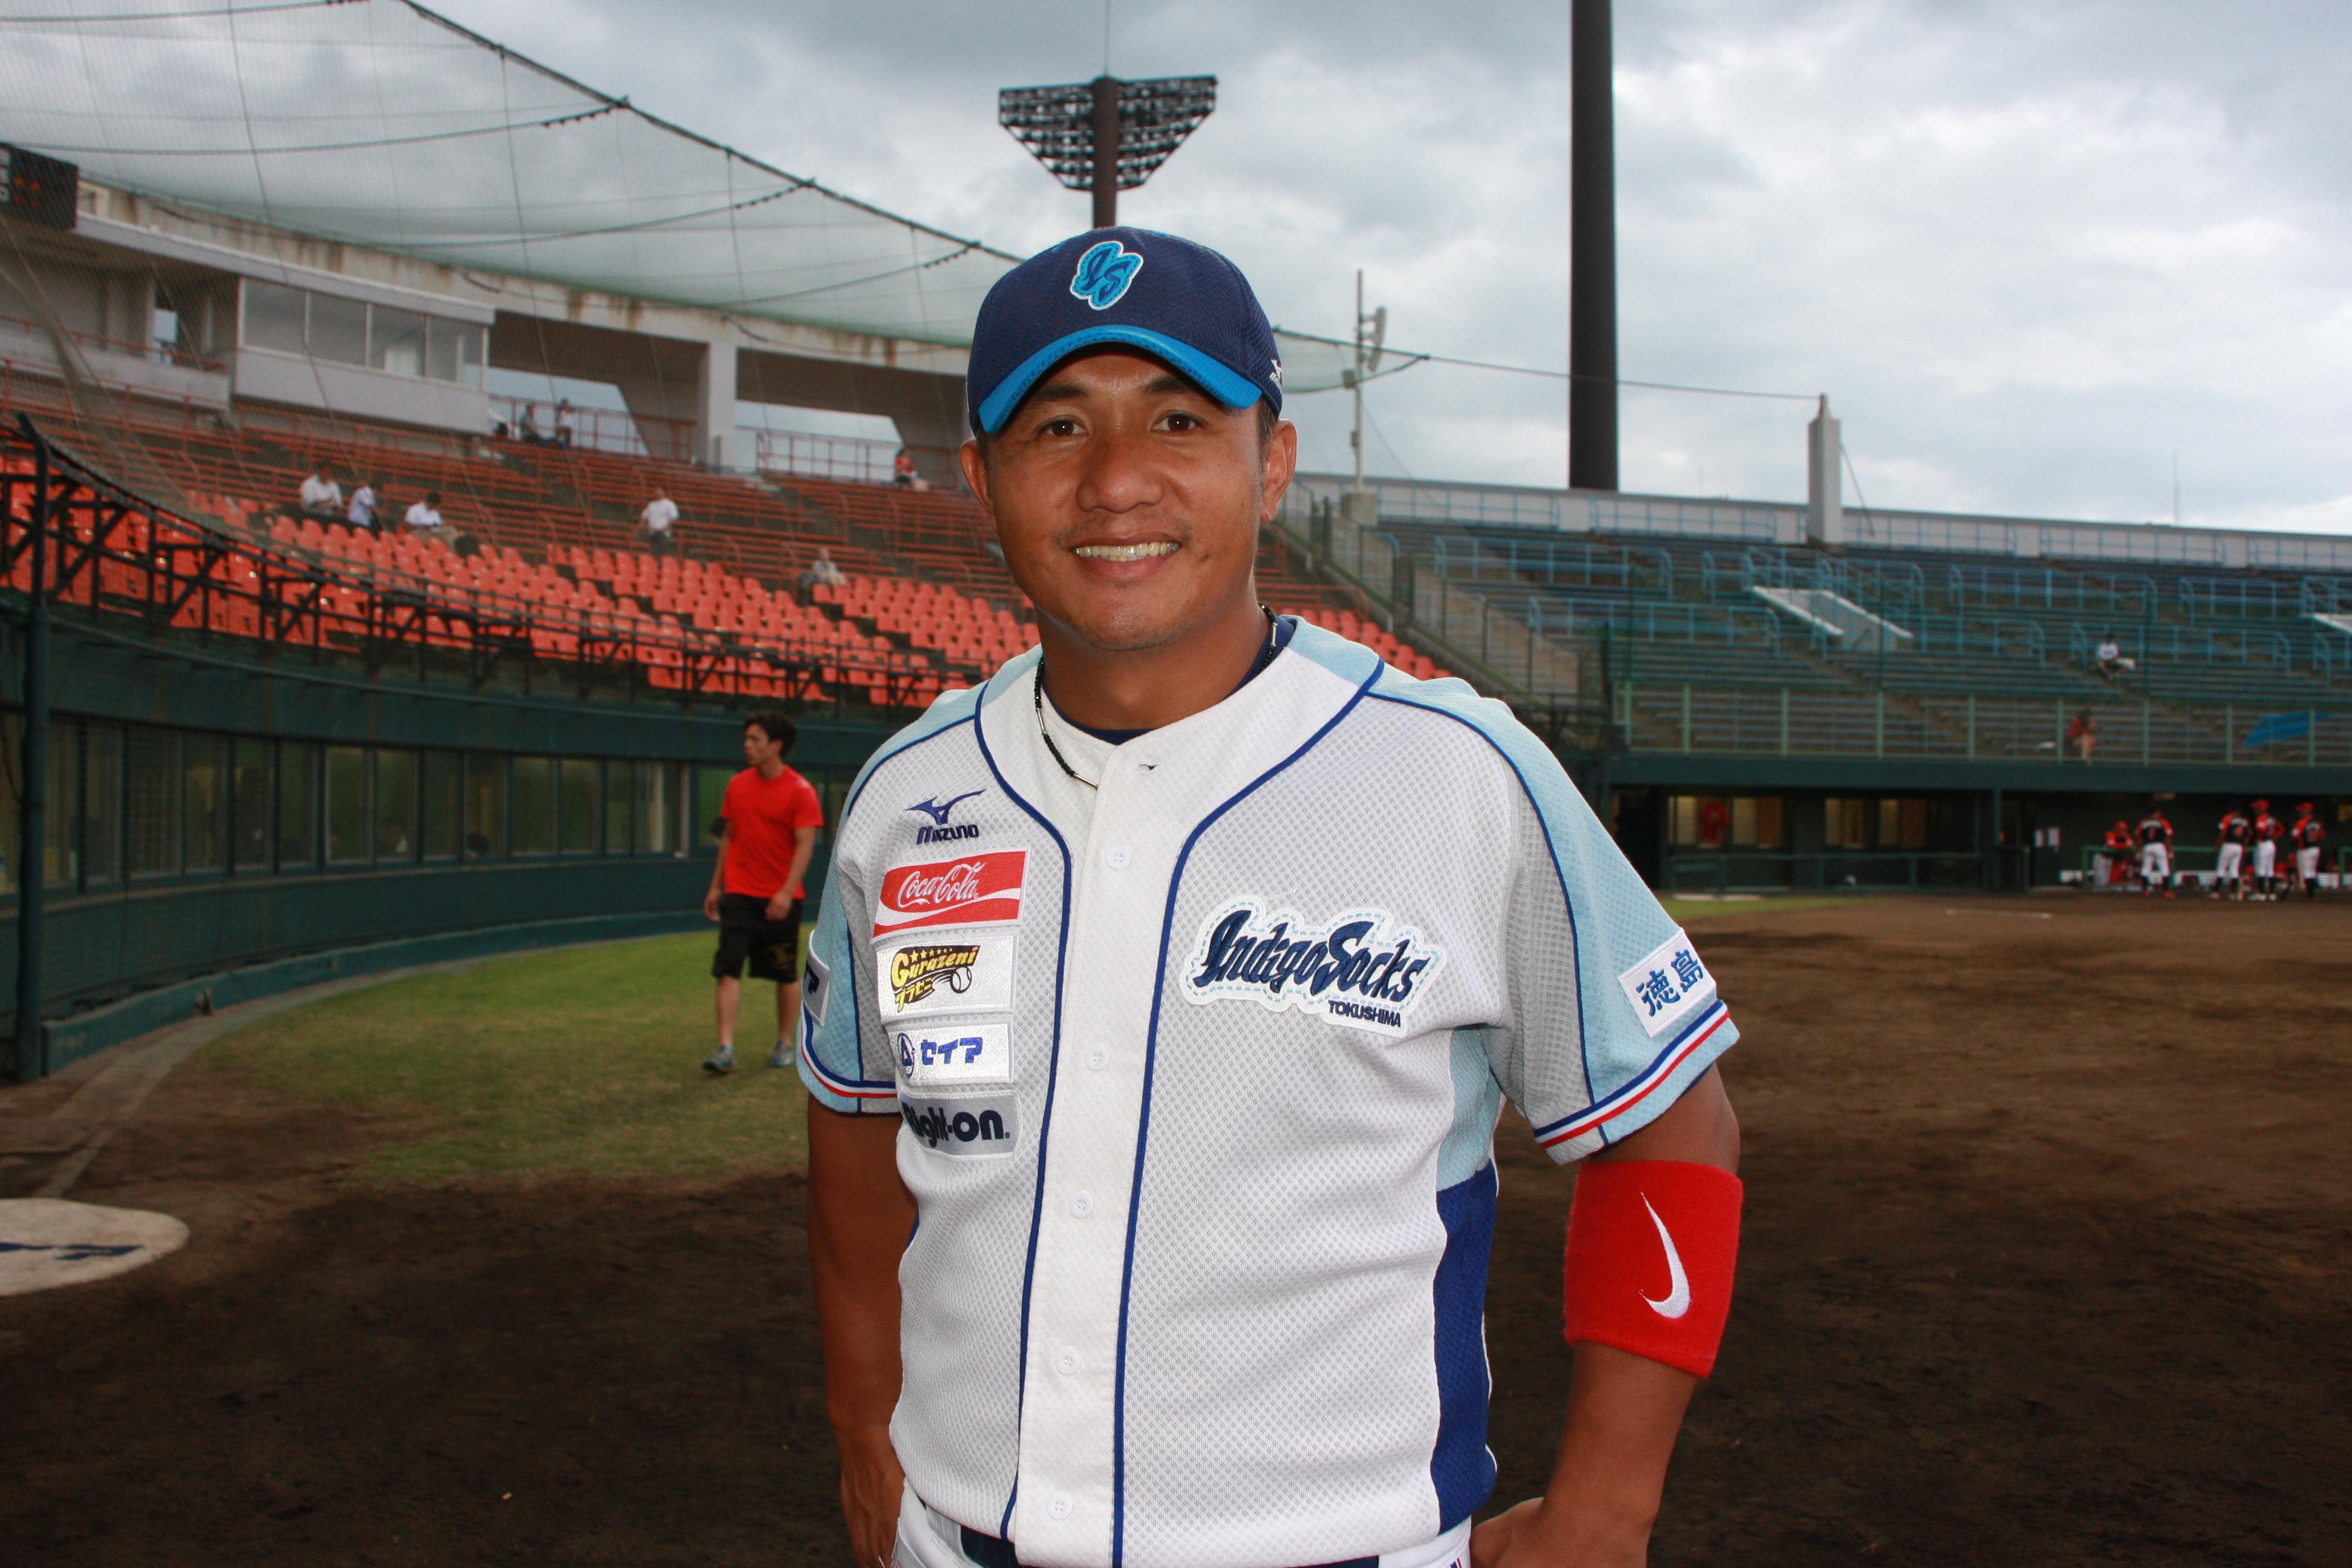 台湾球界史上最高の289本塁打を残したレジェンド・張泰山は、プロキャリアの最期を日本の独立リーグで過ごした。